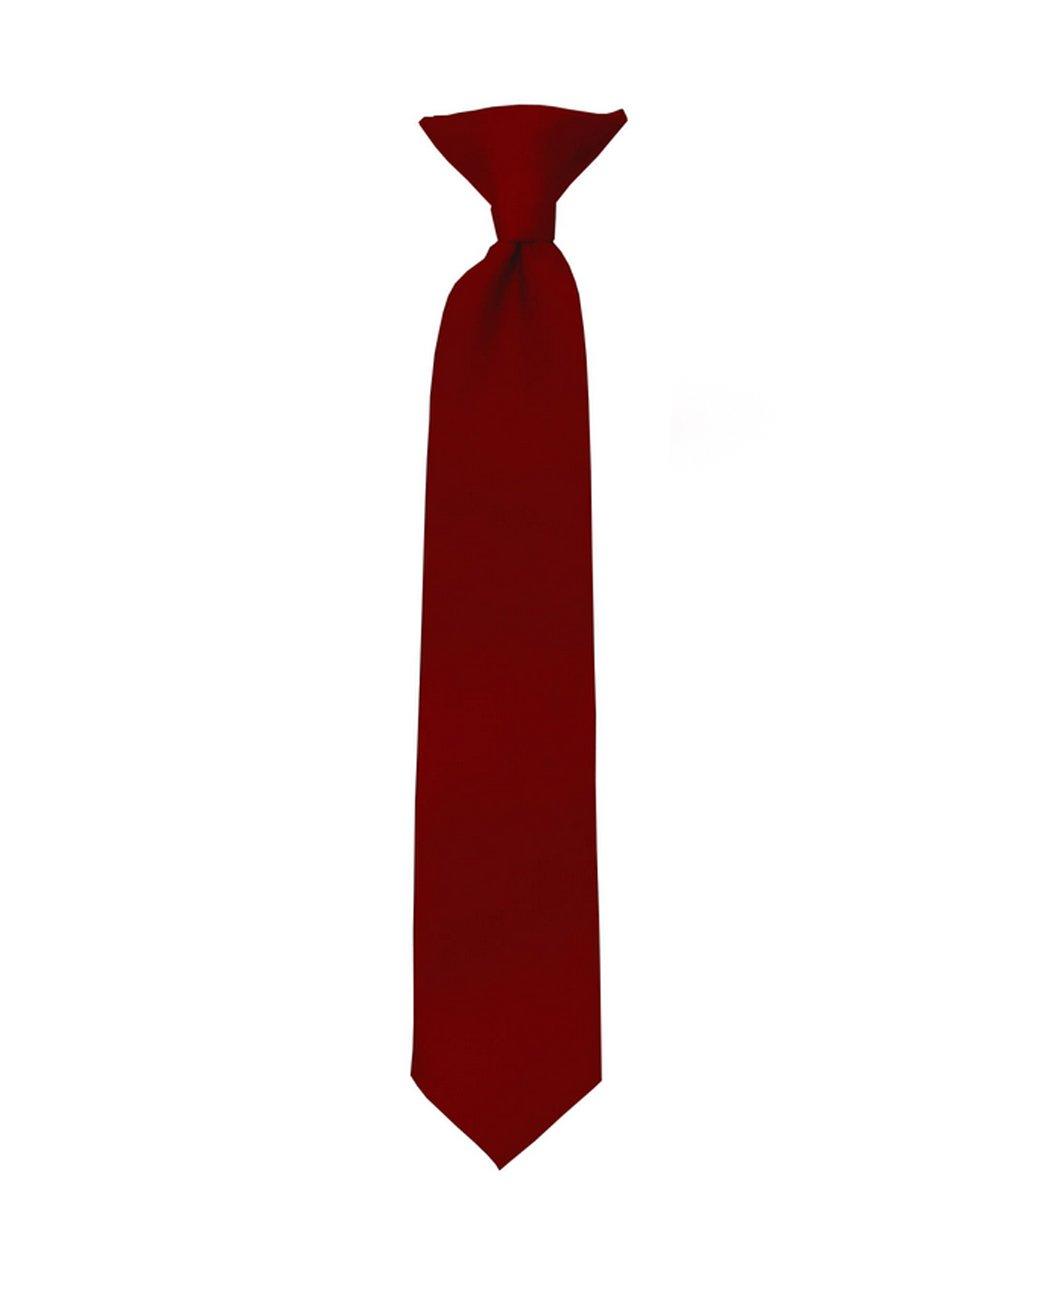 NYFASHION101 Boys' Kids' Children's Smooth Satin Solid Clip On Tie, Burgundy, 11''